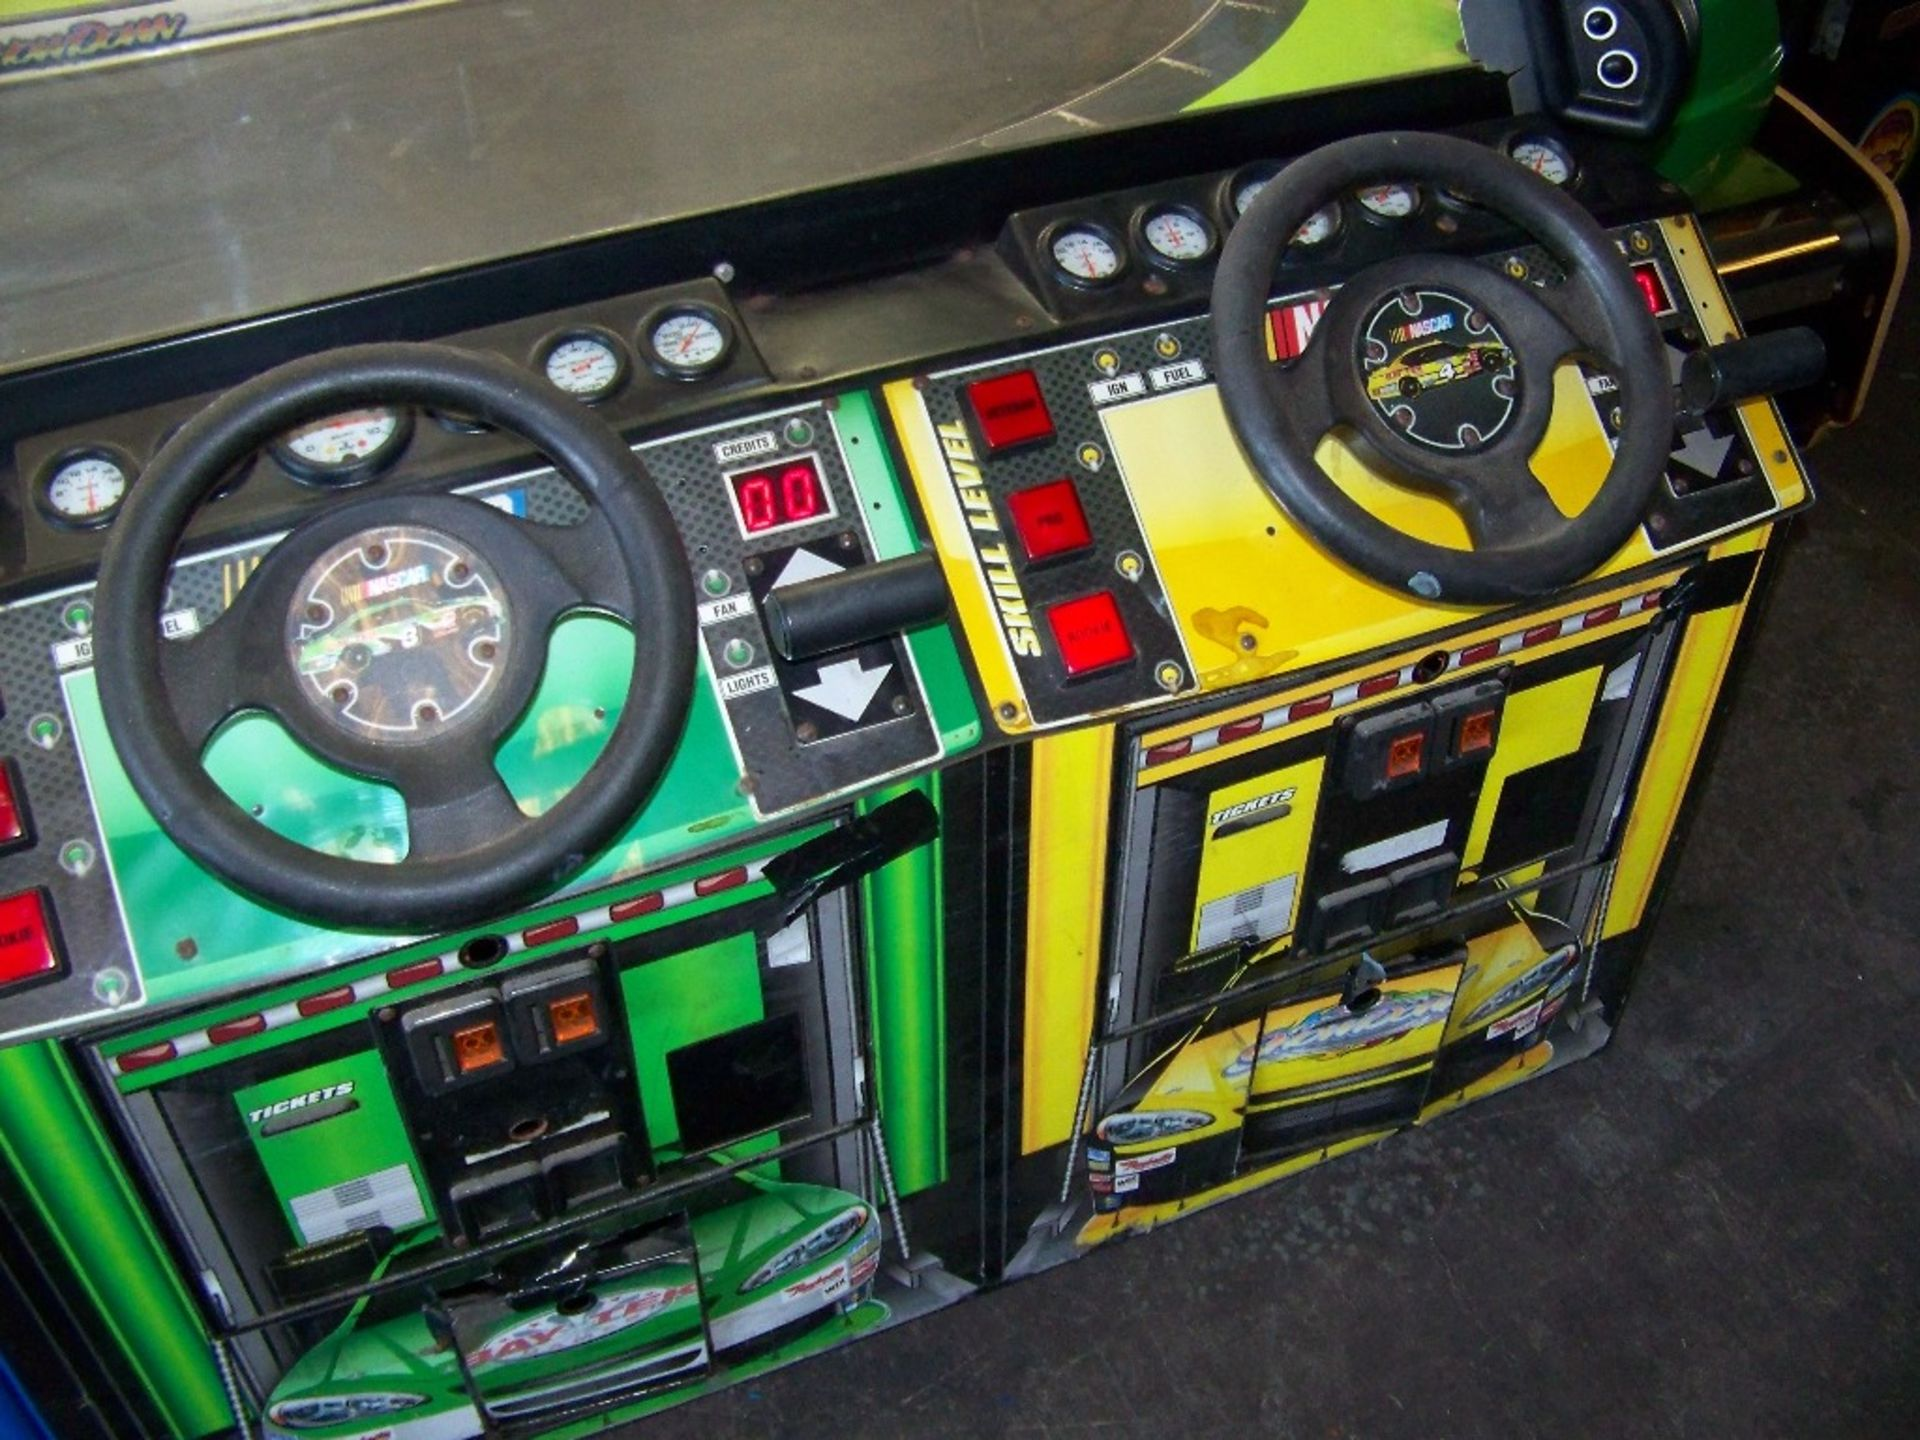 SHOWDOWN 4 PLAYER TICKET REDEMPTION GAME BAYTEK - Image 11 of 12